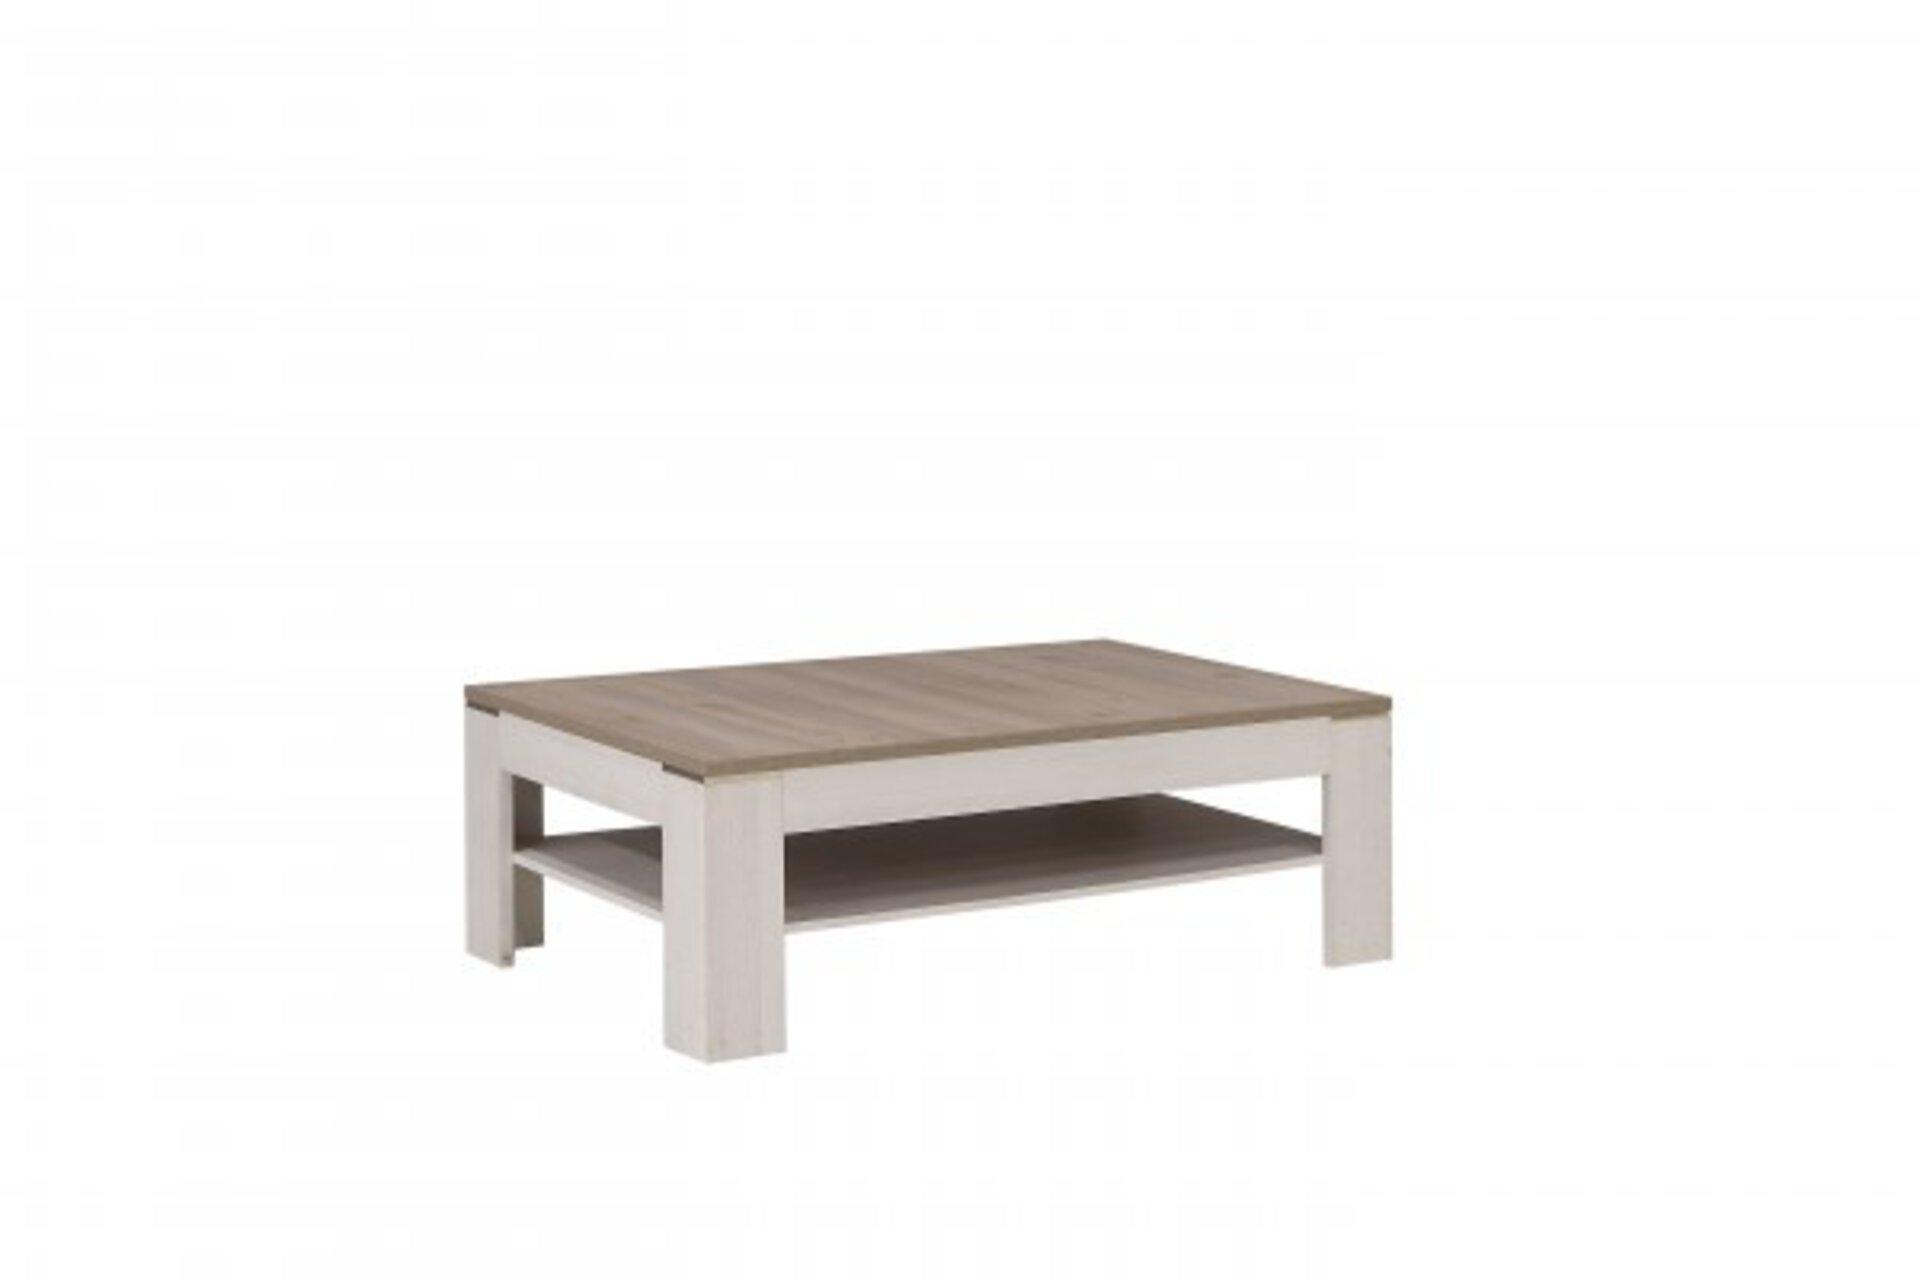 Beistelltisch ALETTA SELF Holzwerkstoff 75 x 43 x 120 cm